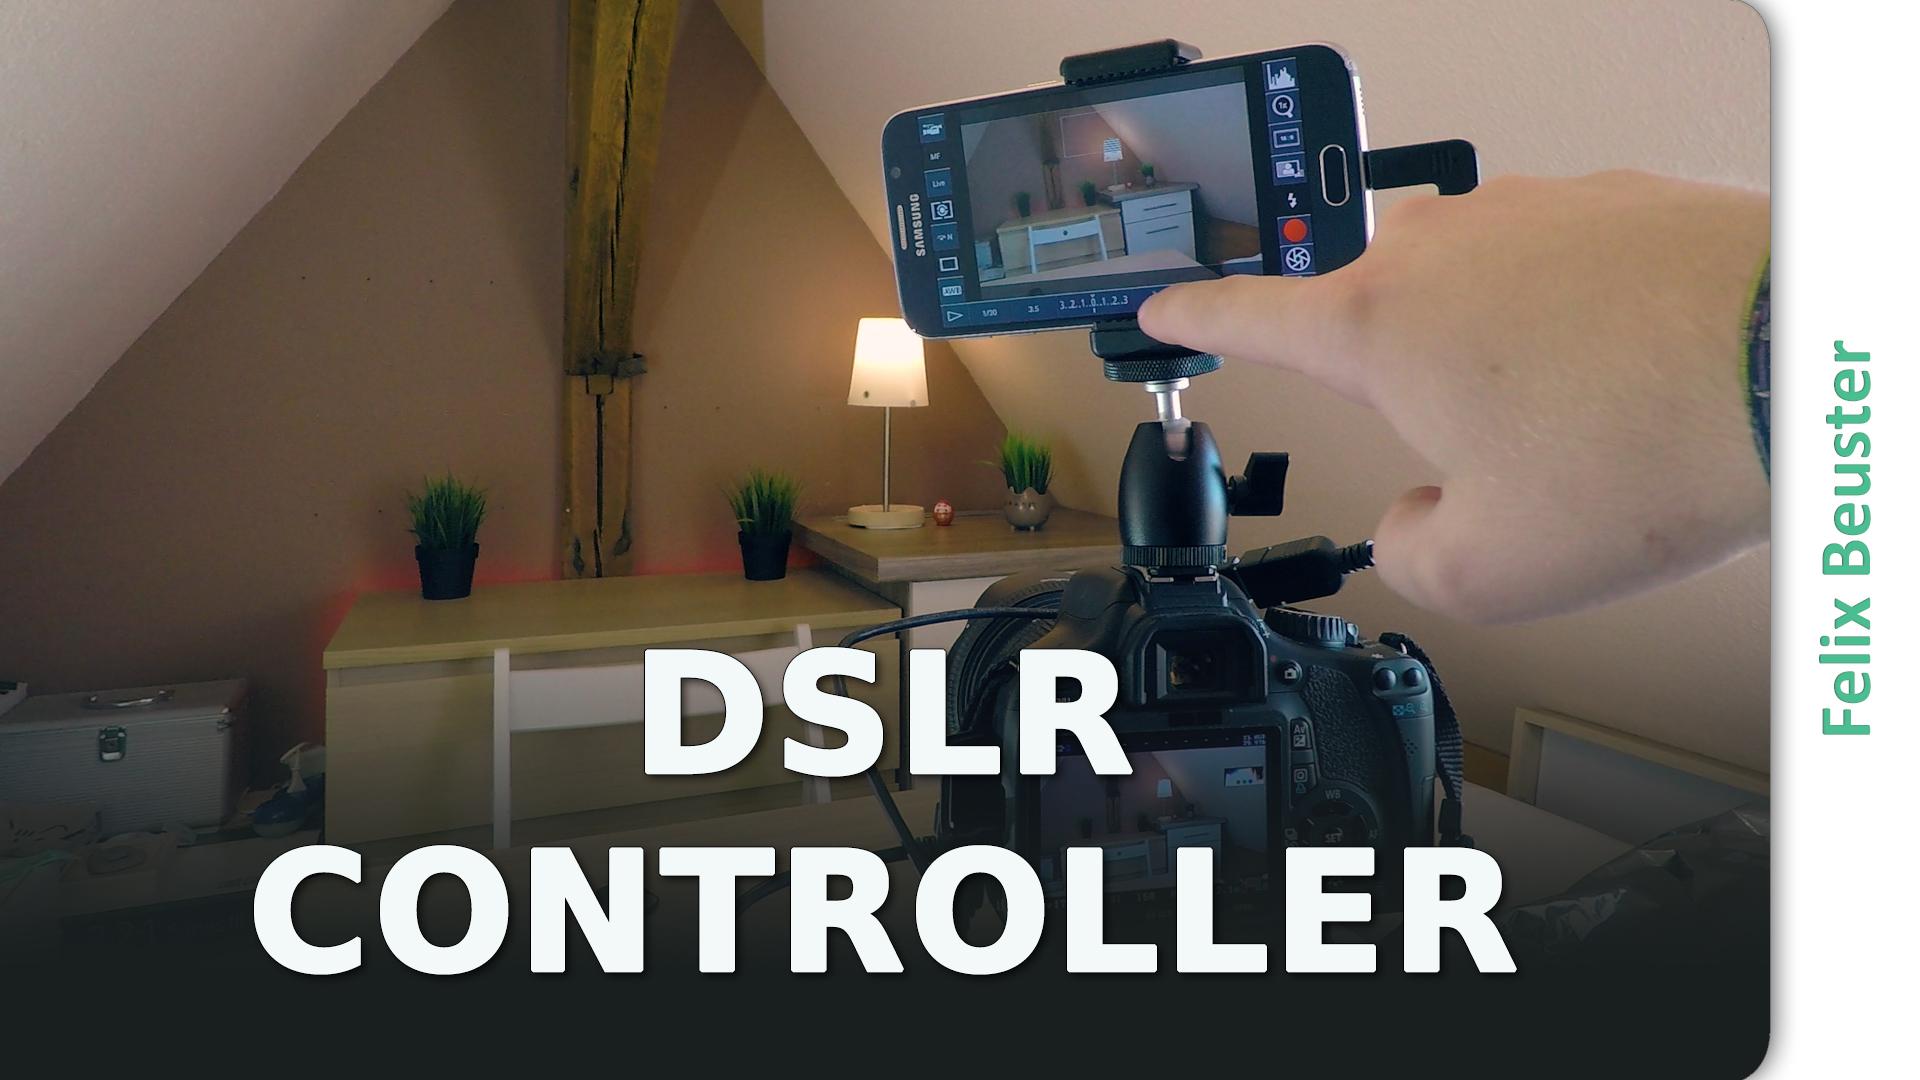 dslr_controller.jpg